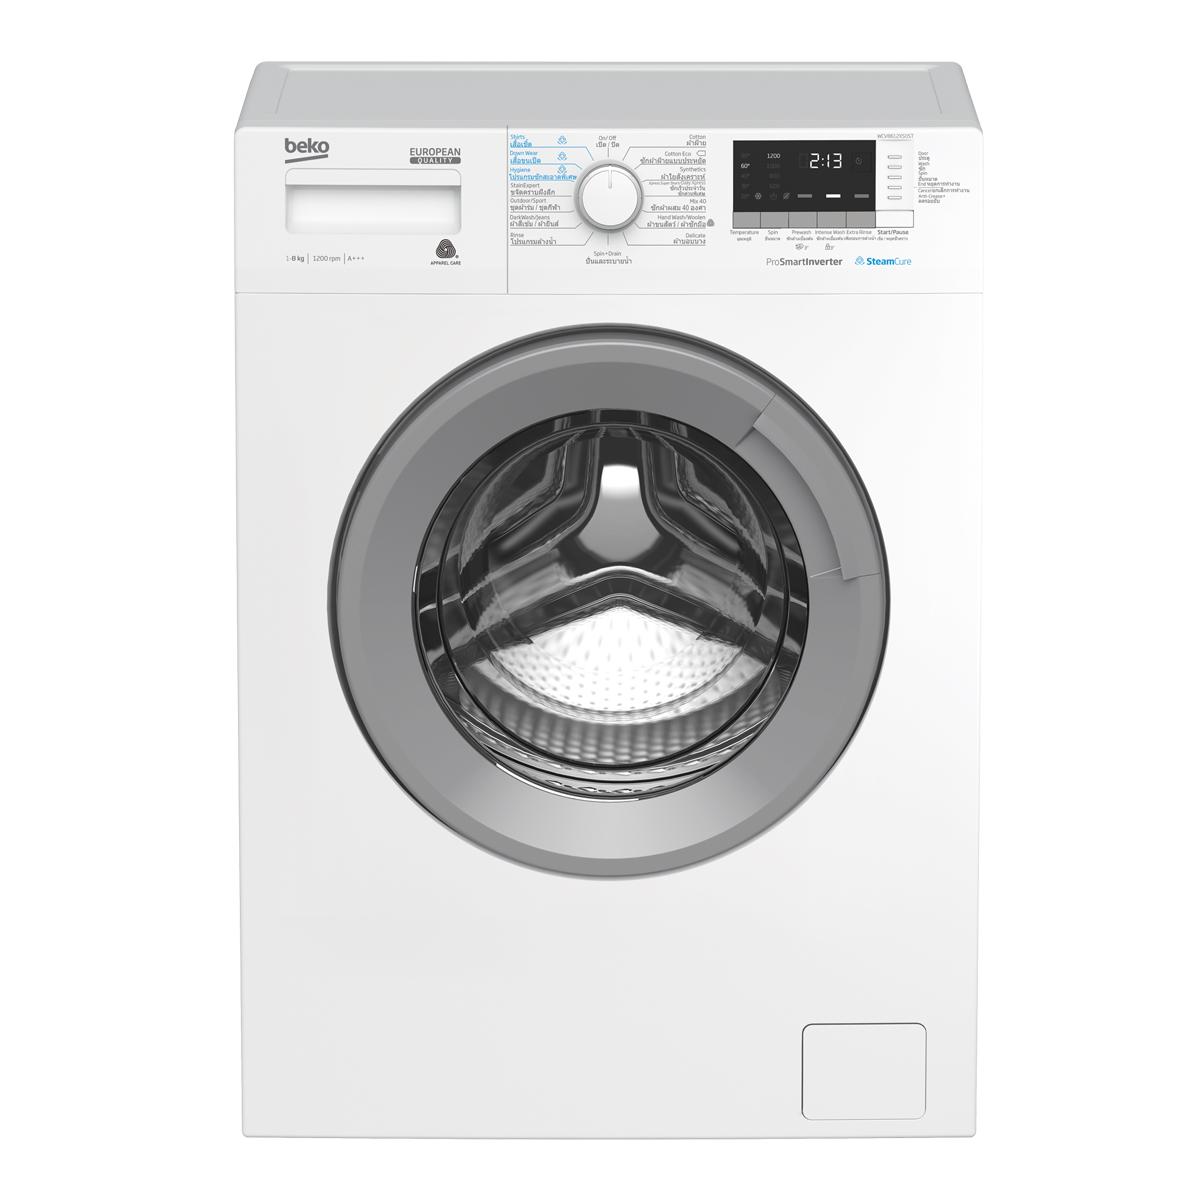 เครื่องซักผ้าฝาหน้า (8 kg) รุ่น WCV8612XS0ST+ขาตั้ง